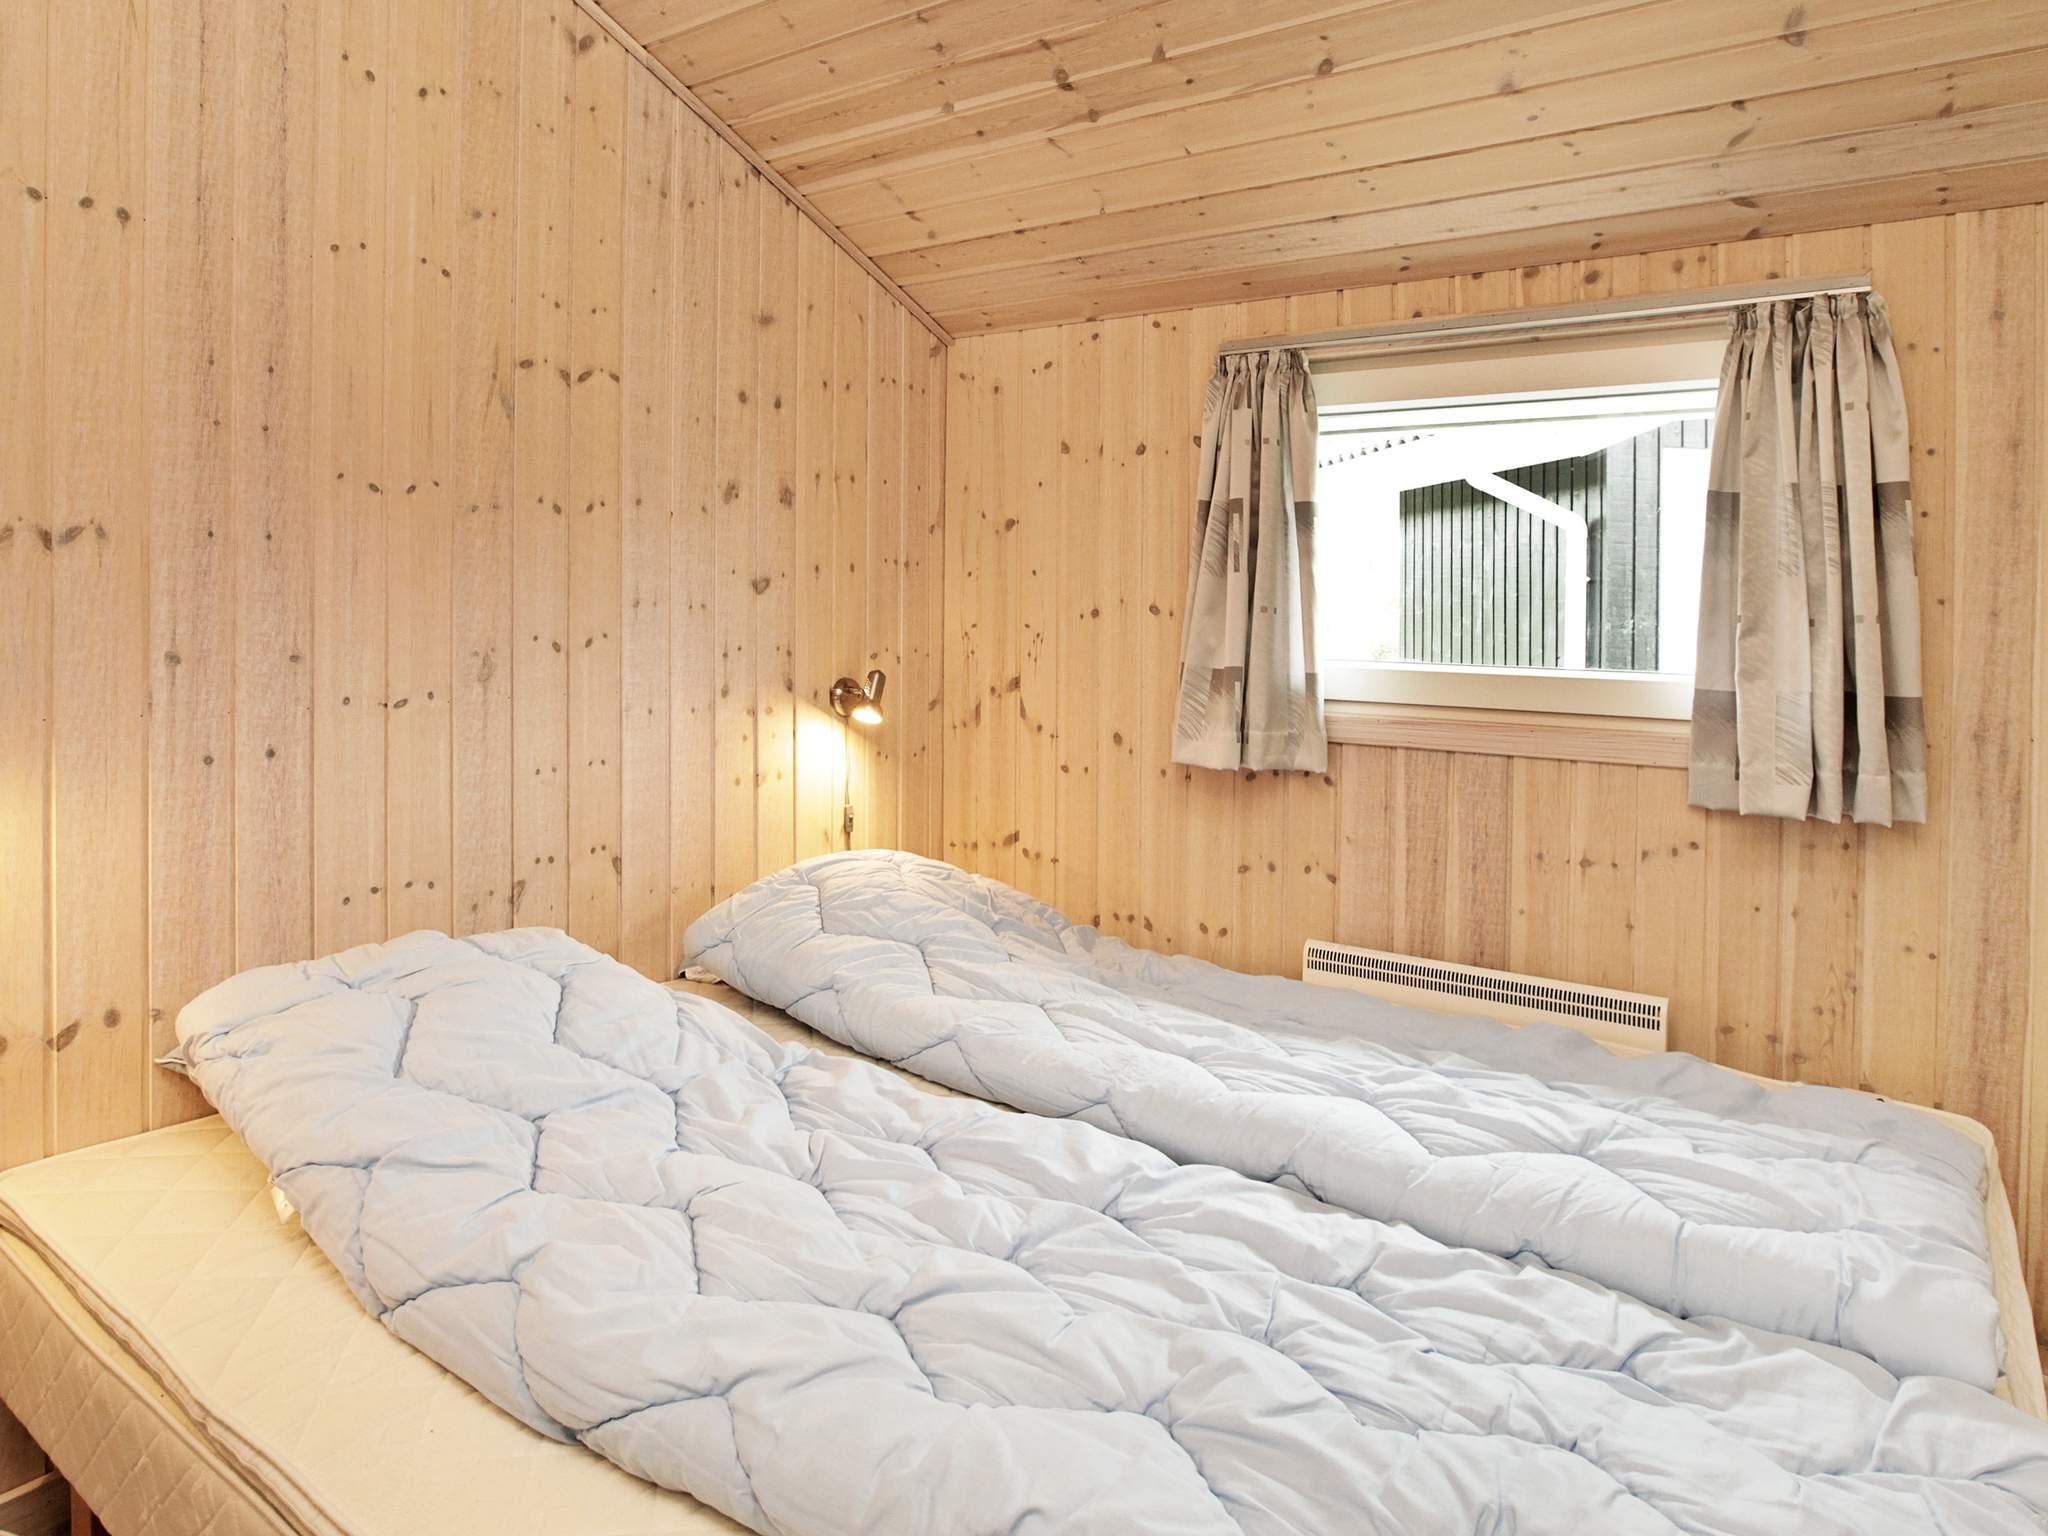 Ferienhaus Jegum (921203), Jegum, , Westjütland, Dänemark, Bild 10